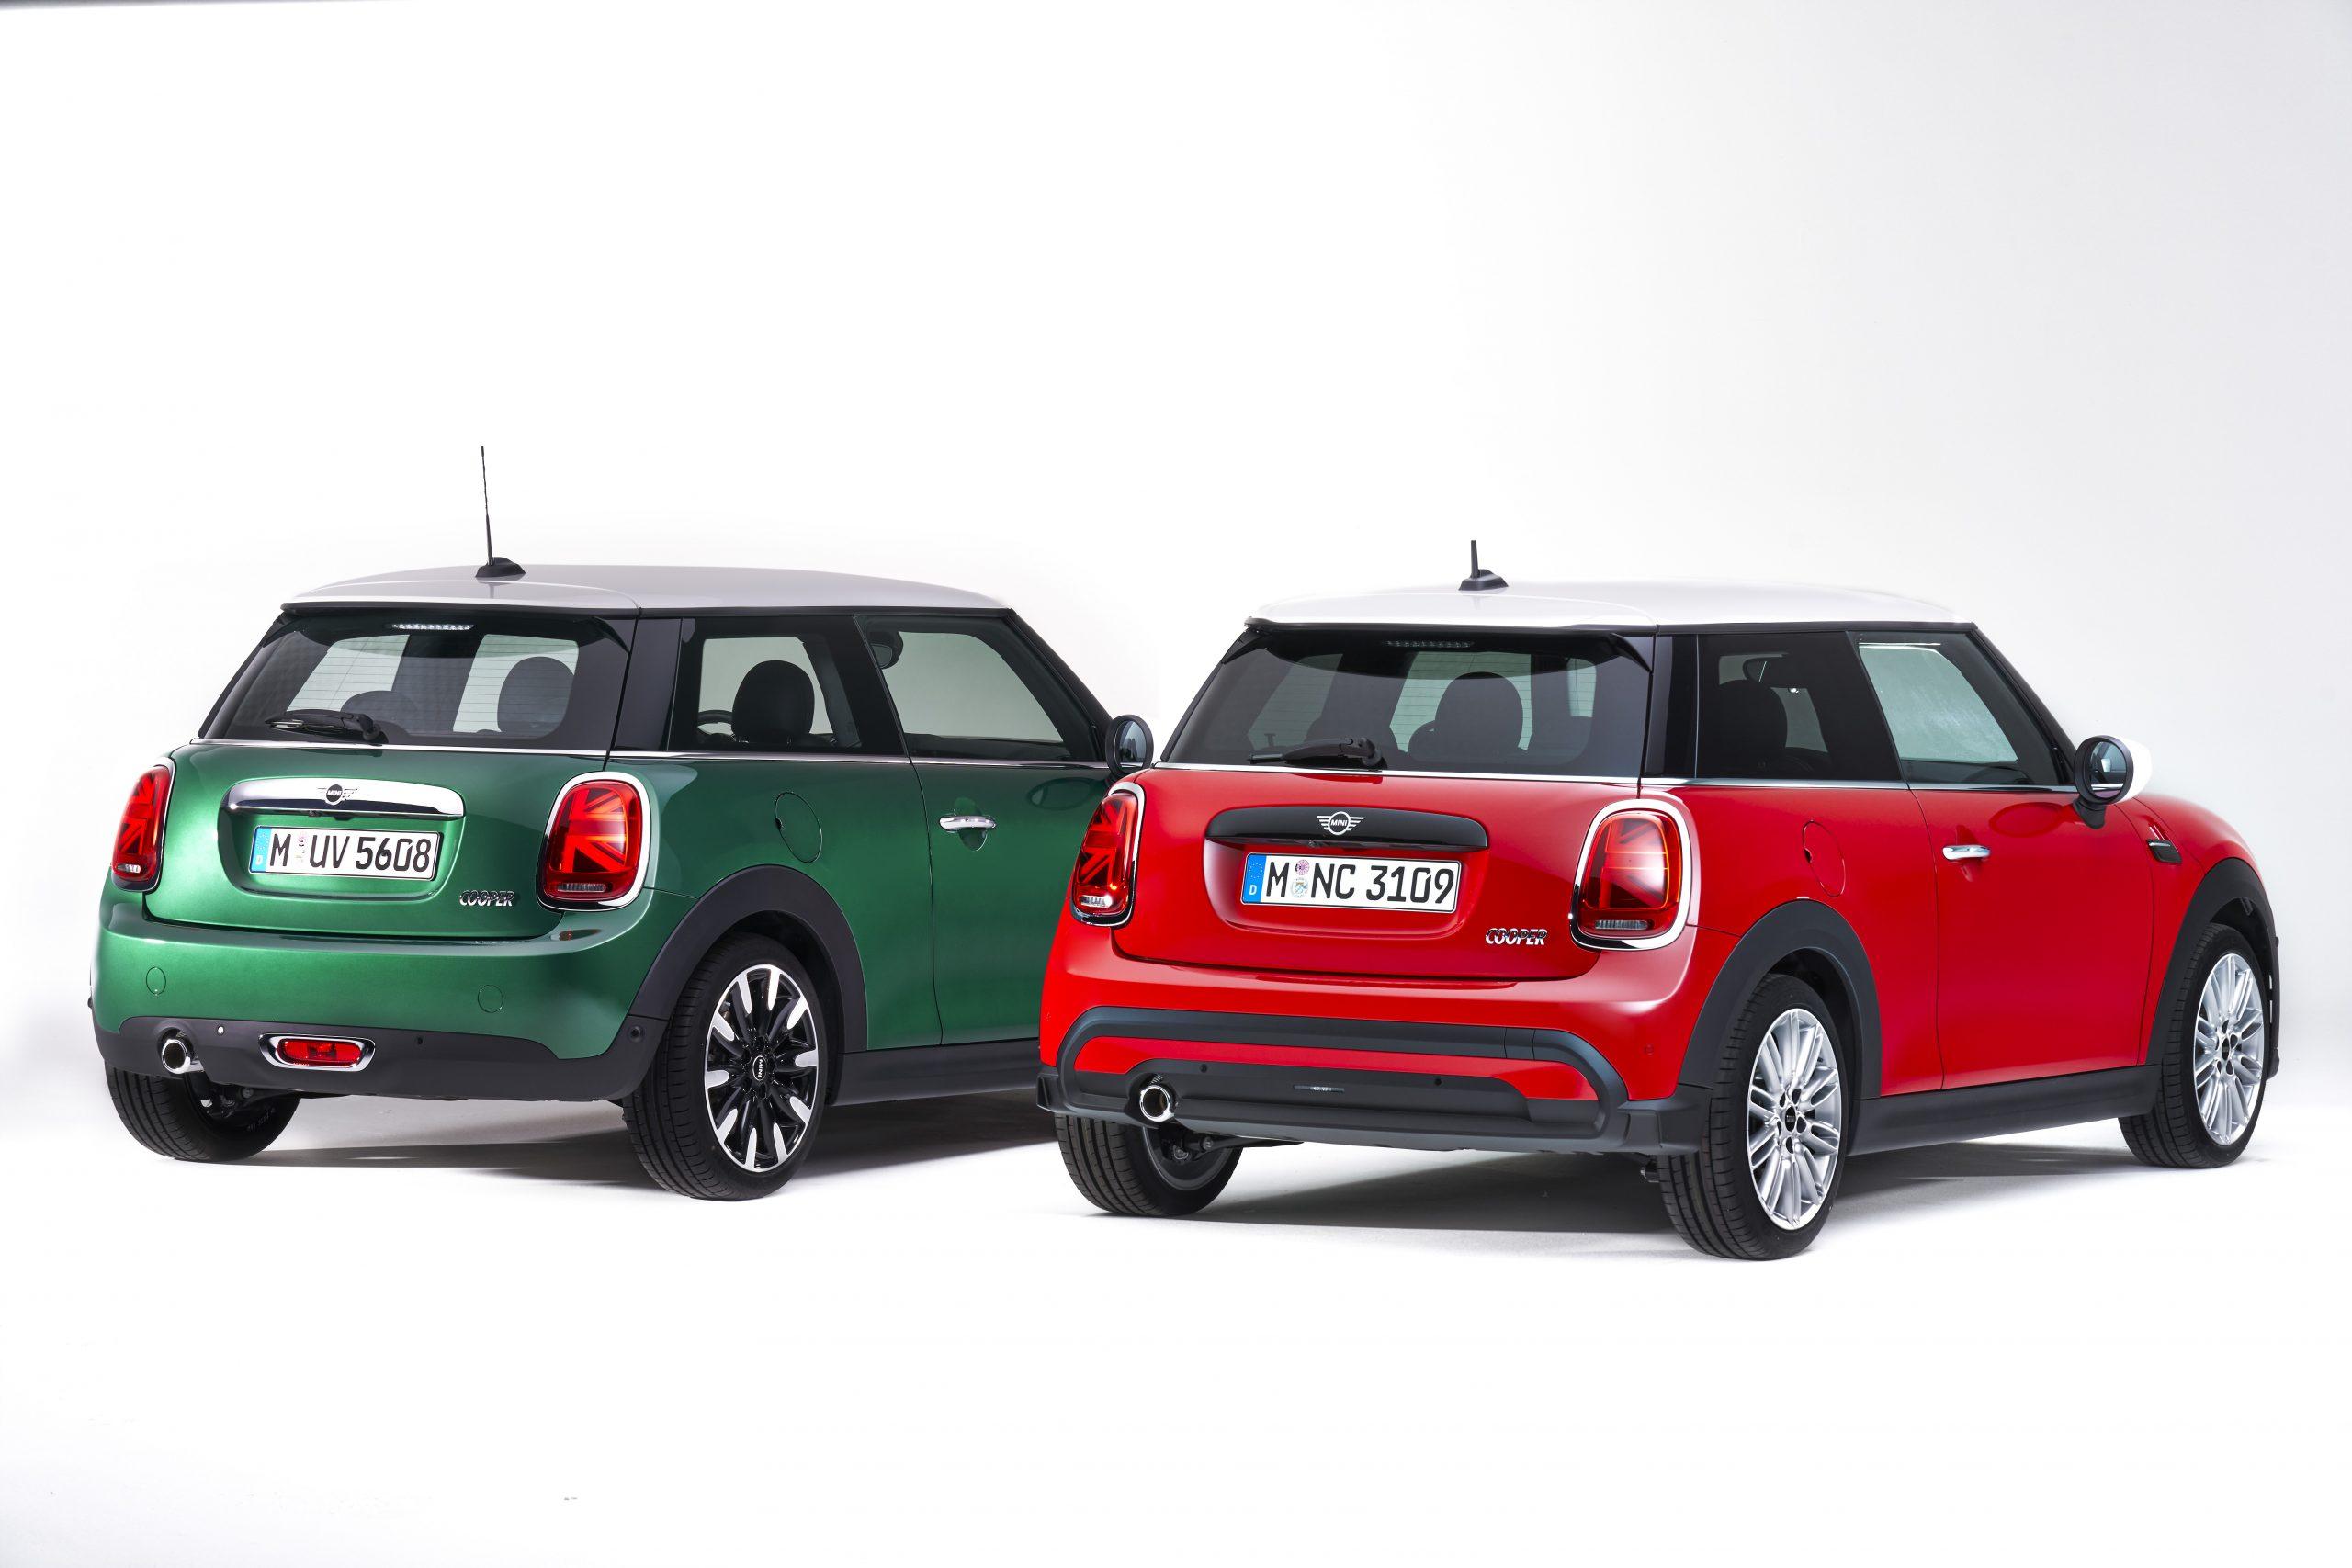 2022 Mini Cooper R 2021 Mini Cooper L comparison rear